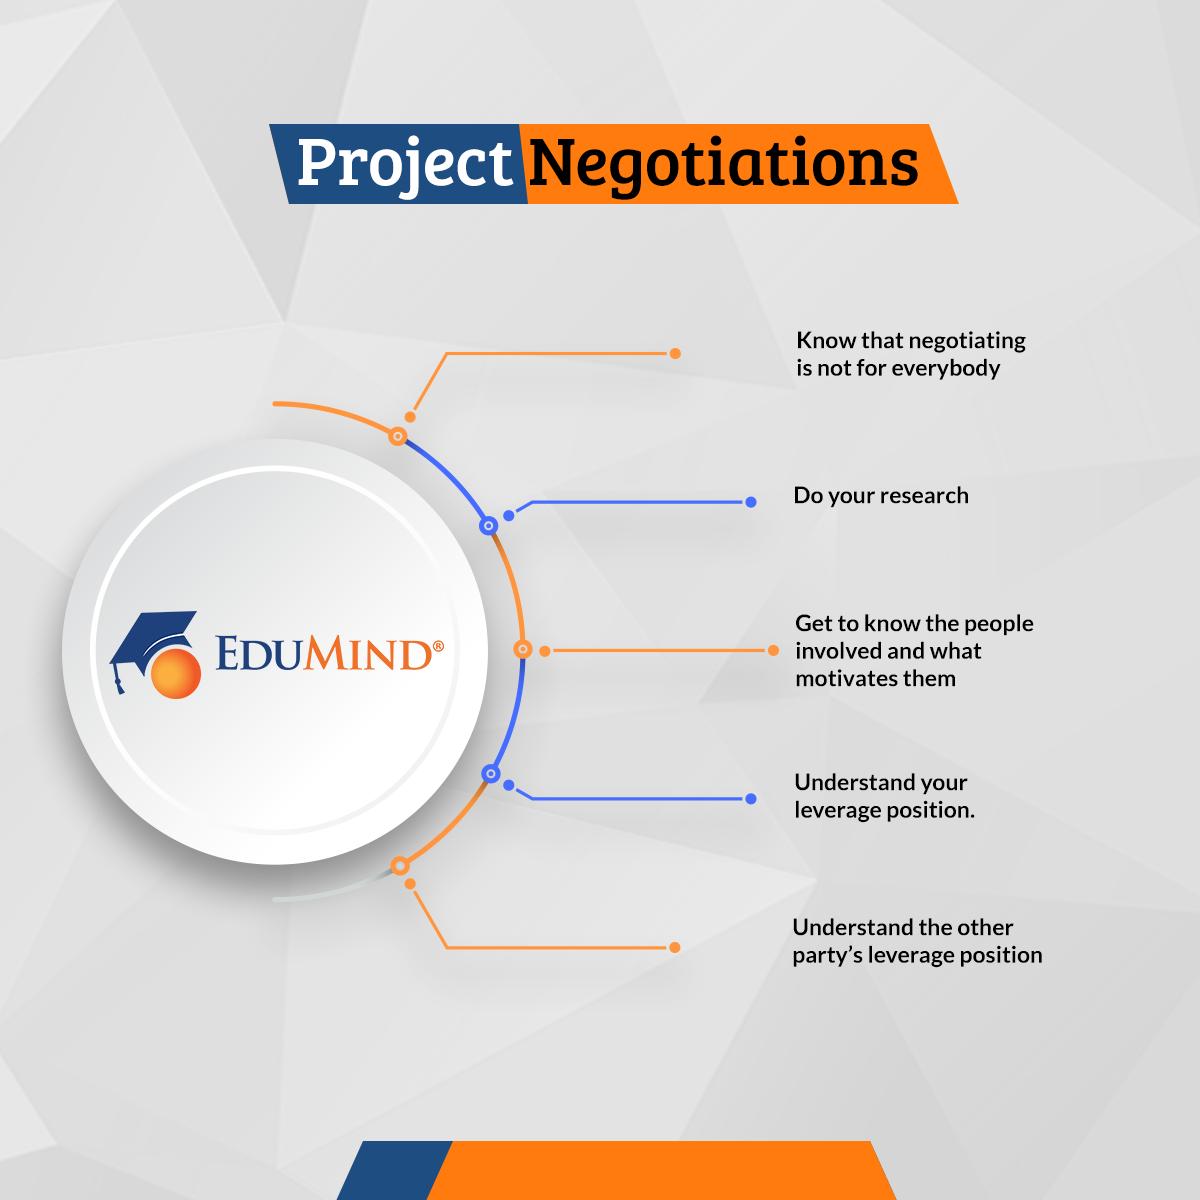 Project Negotiations